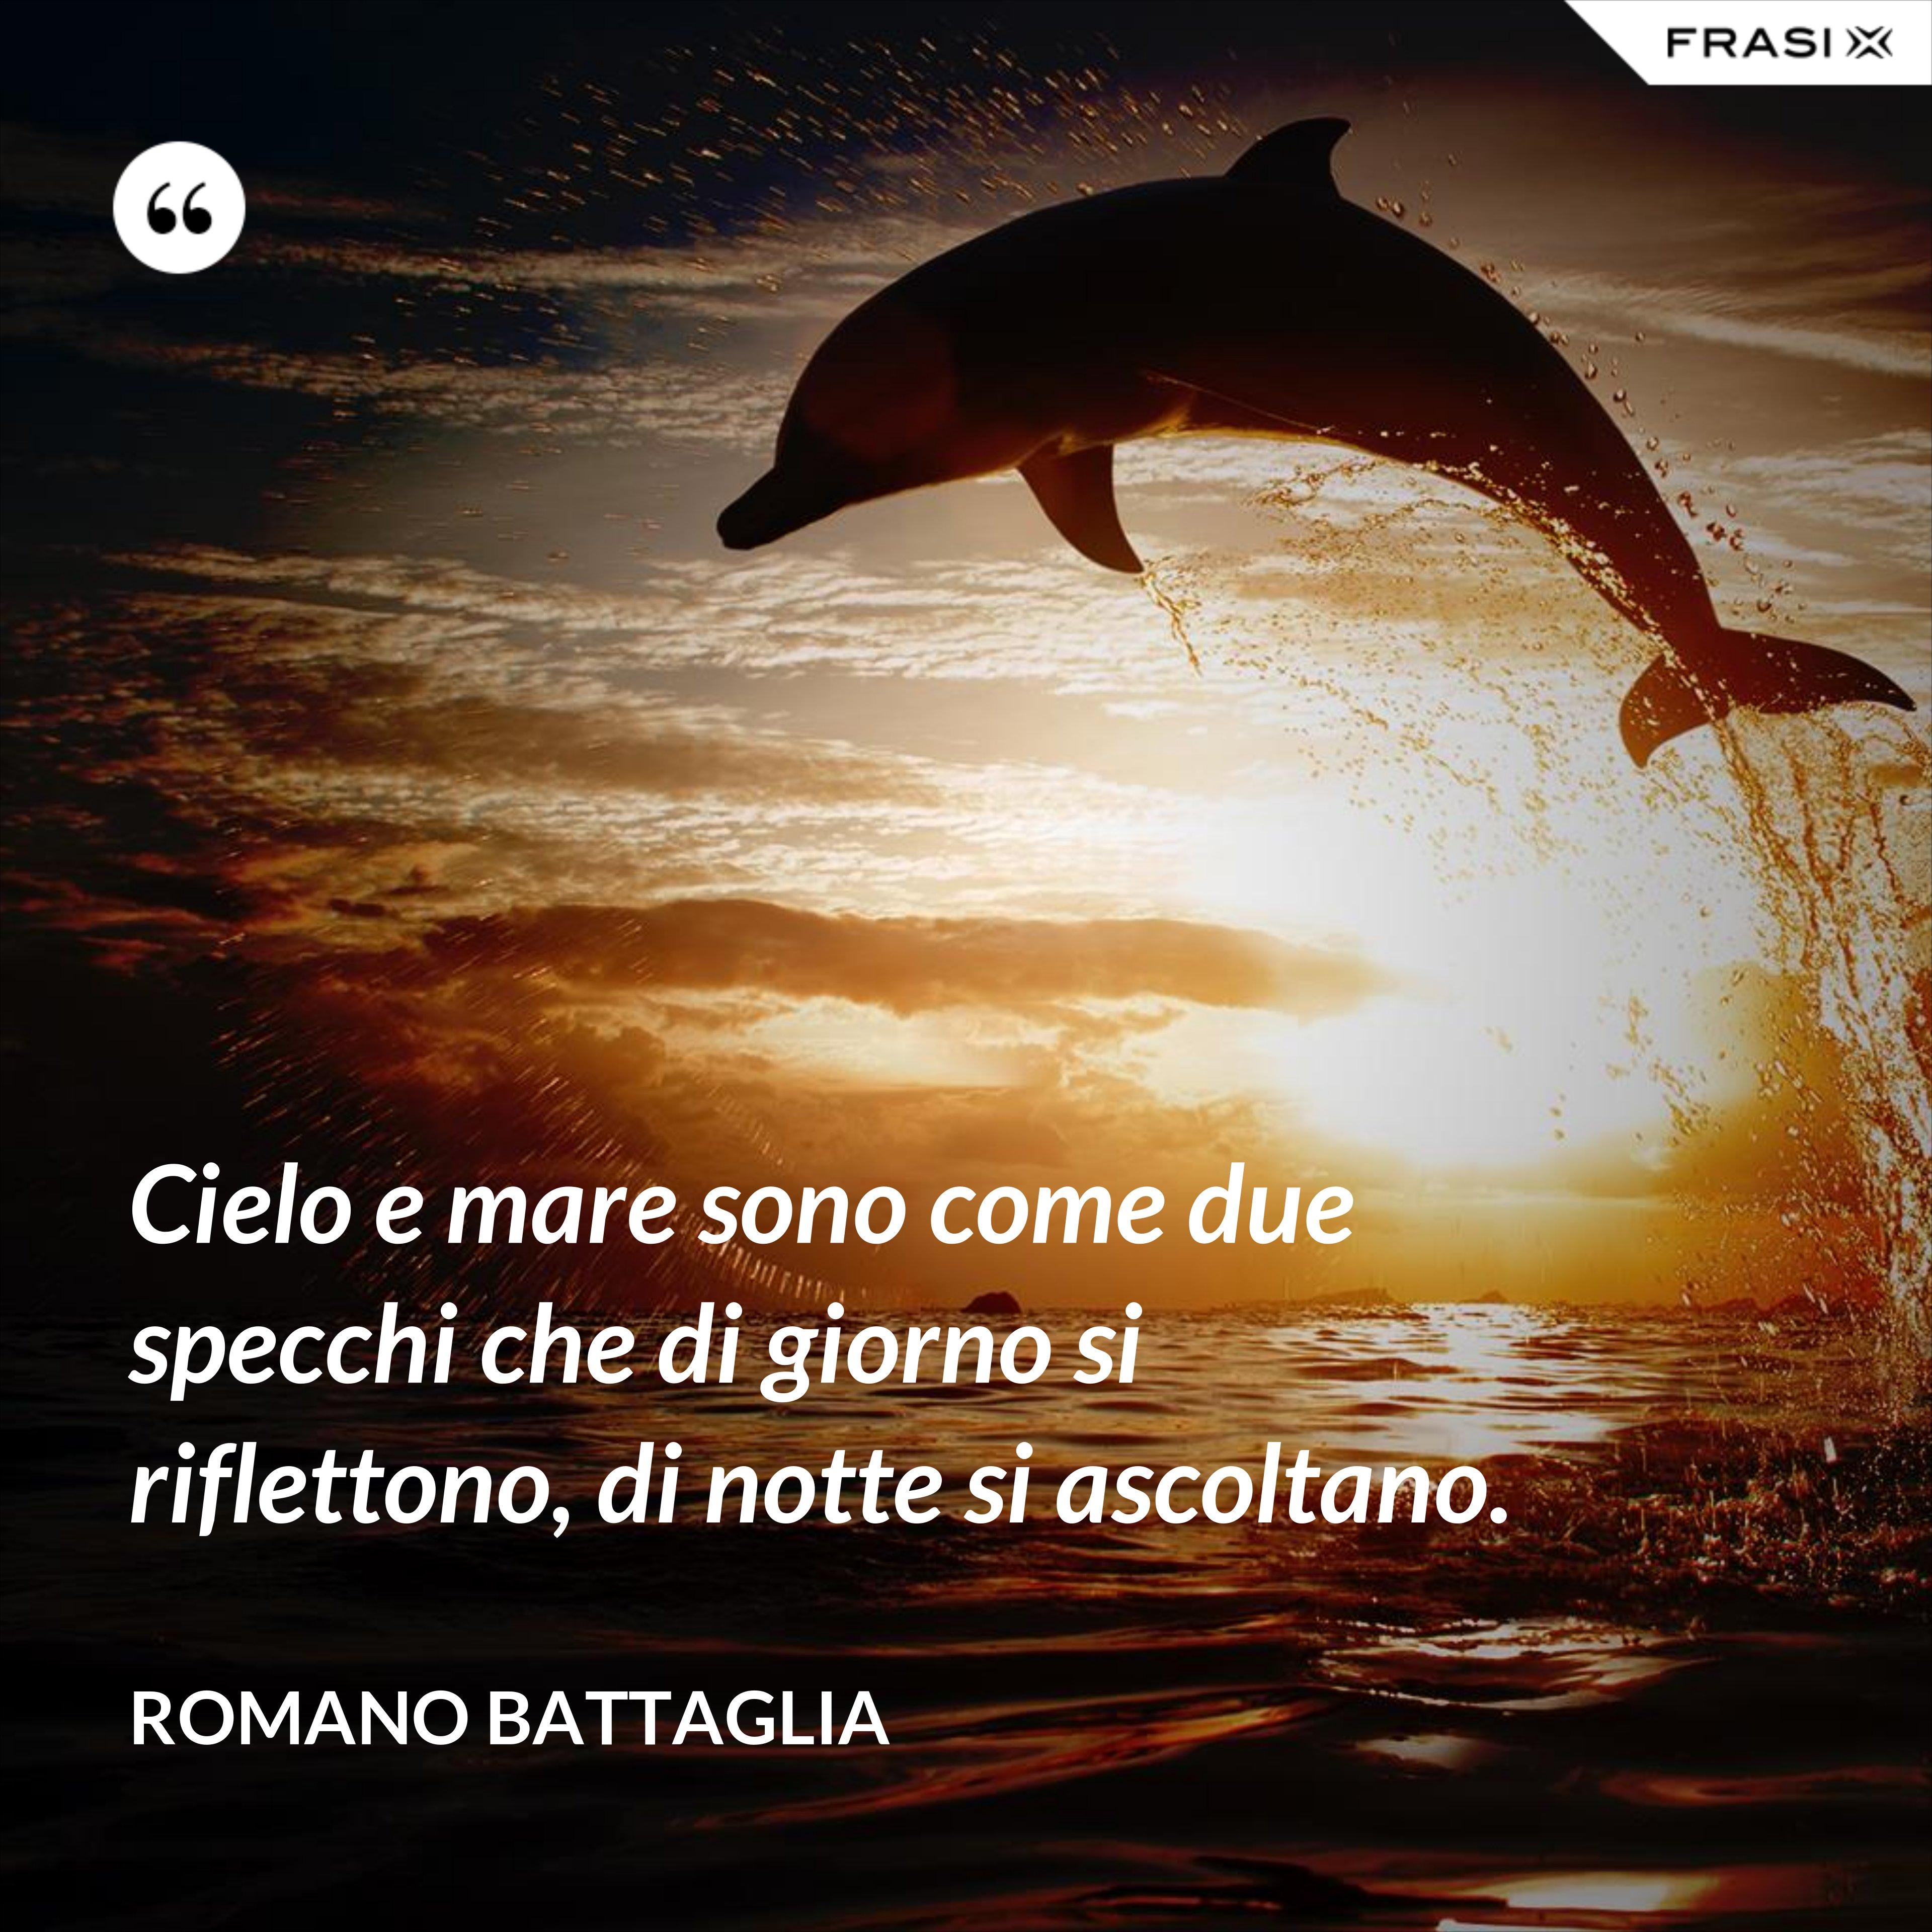 Cielo e mare sono come due specchi che di giorno si riflettono, di notte si ascoltano. - Romano Battaglia